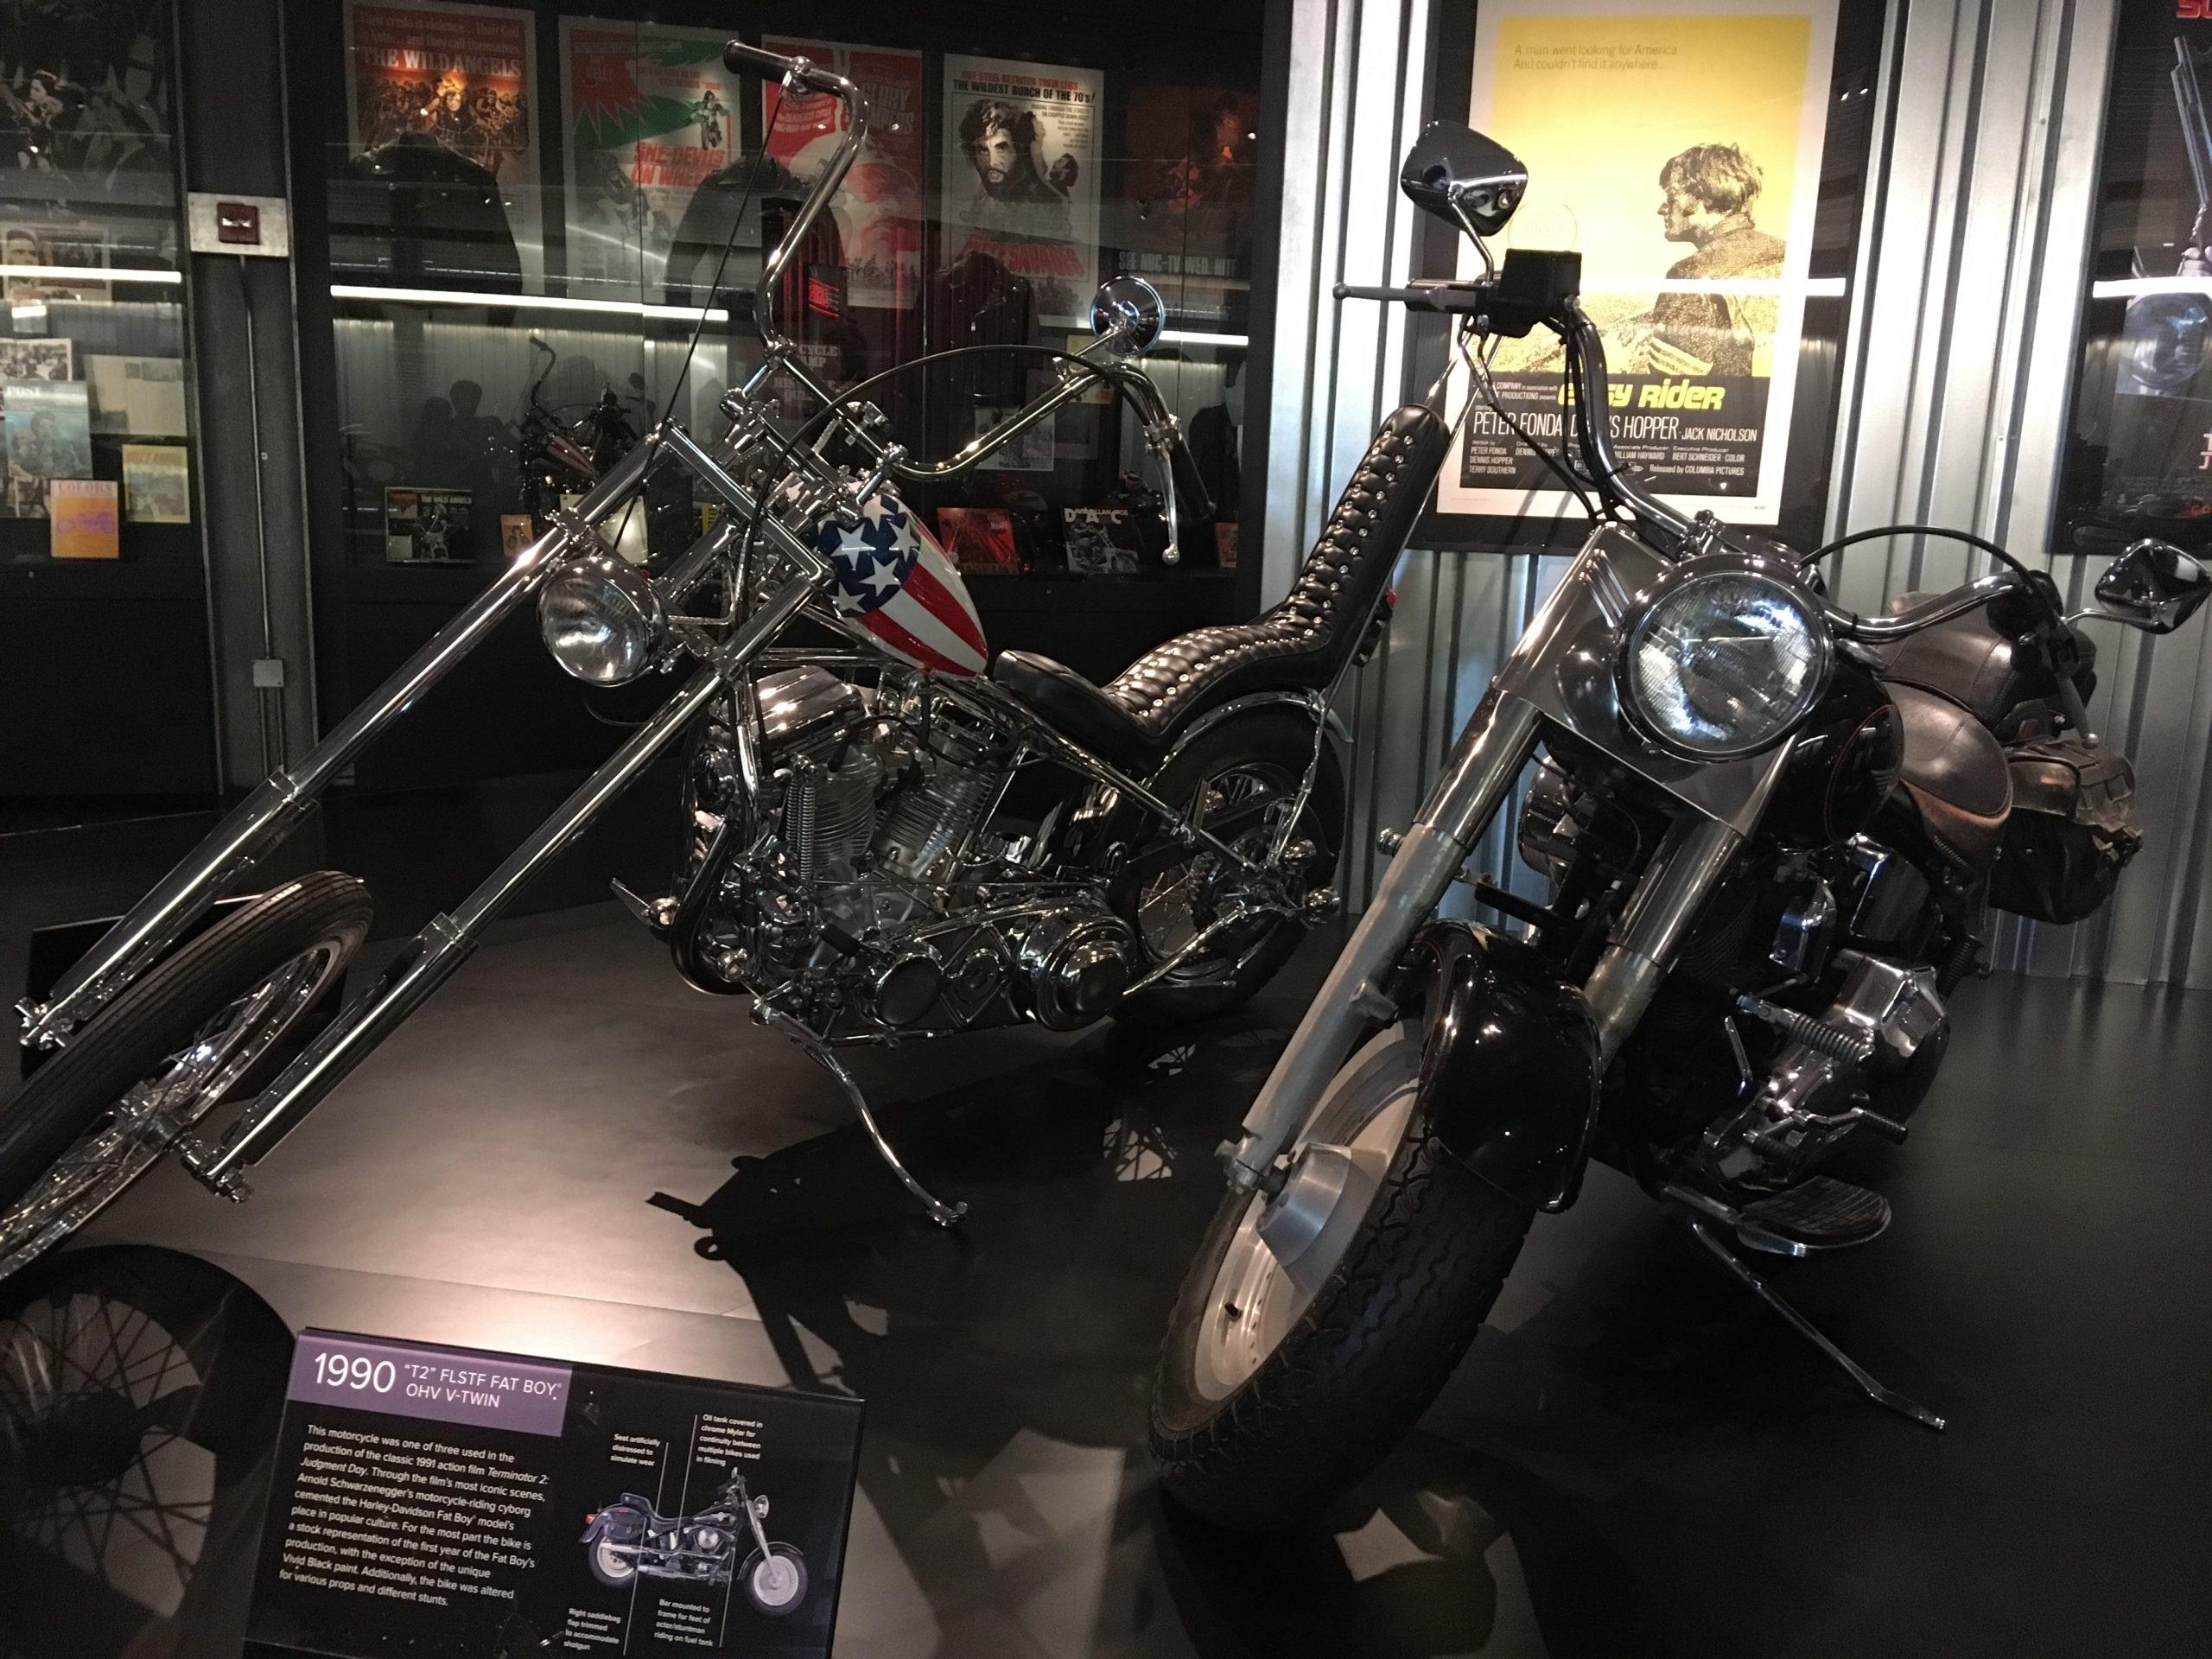 バイク好きなら!ハーレーダビッドソンミュージアム【ミルウォーキー】